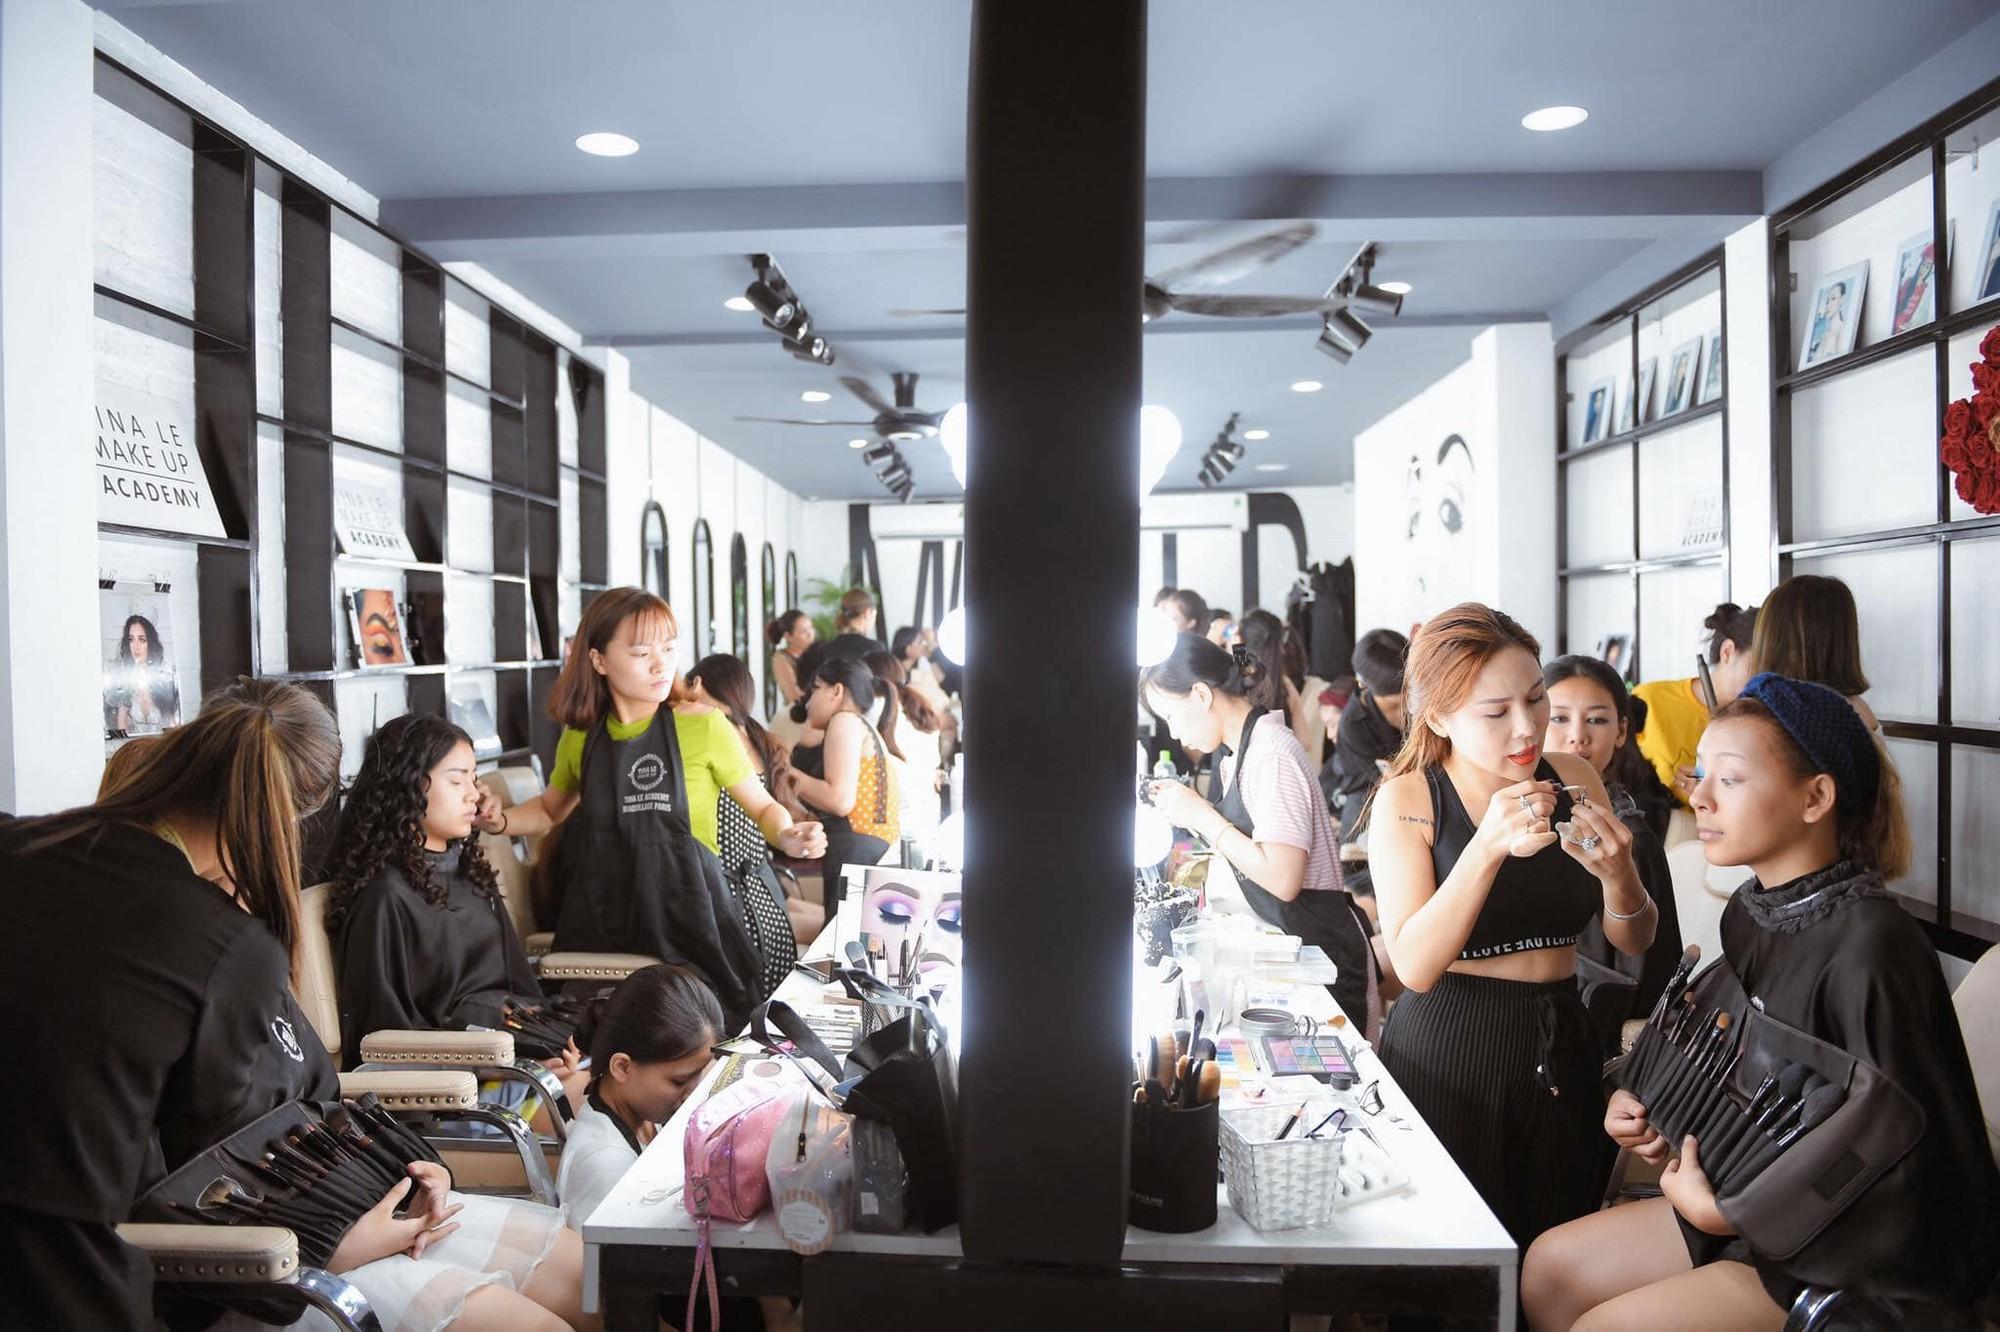 Điều kiện chưa cho phép, chọn ngay gói học make-up trả góp tại Tina Lê Make Up Academy - Ảnh 3.